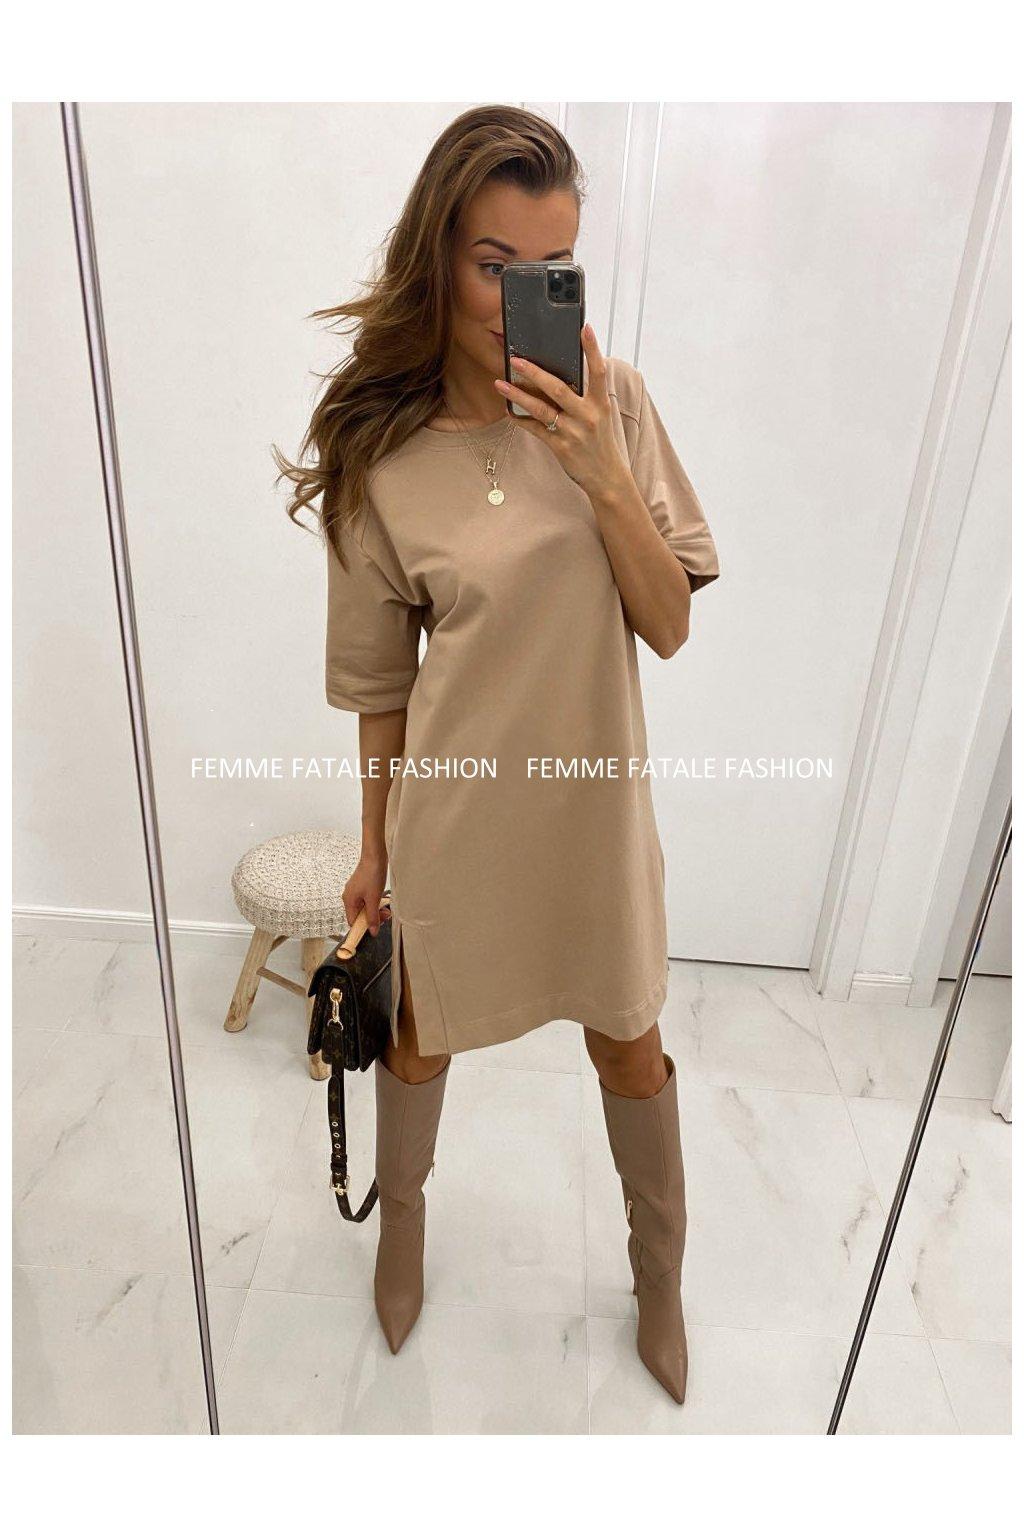 Dámské šaty s rozparky ANIS femmefatalefashion (1)